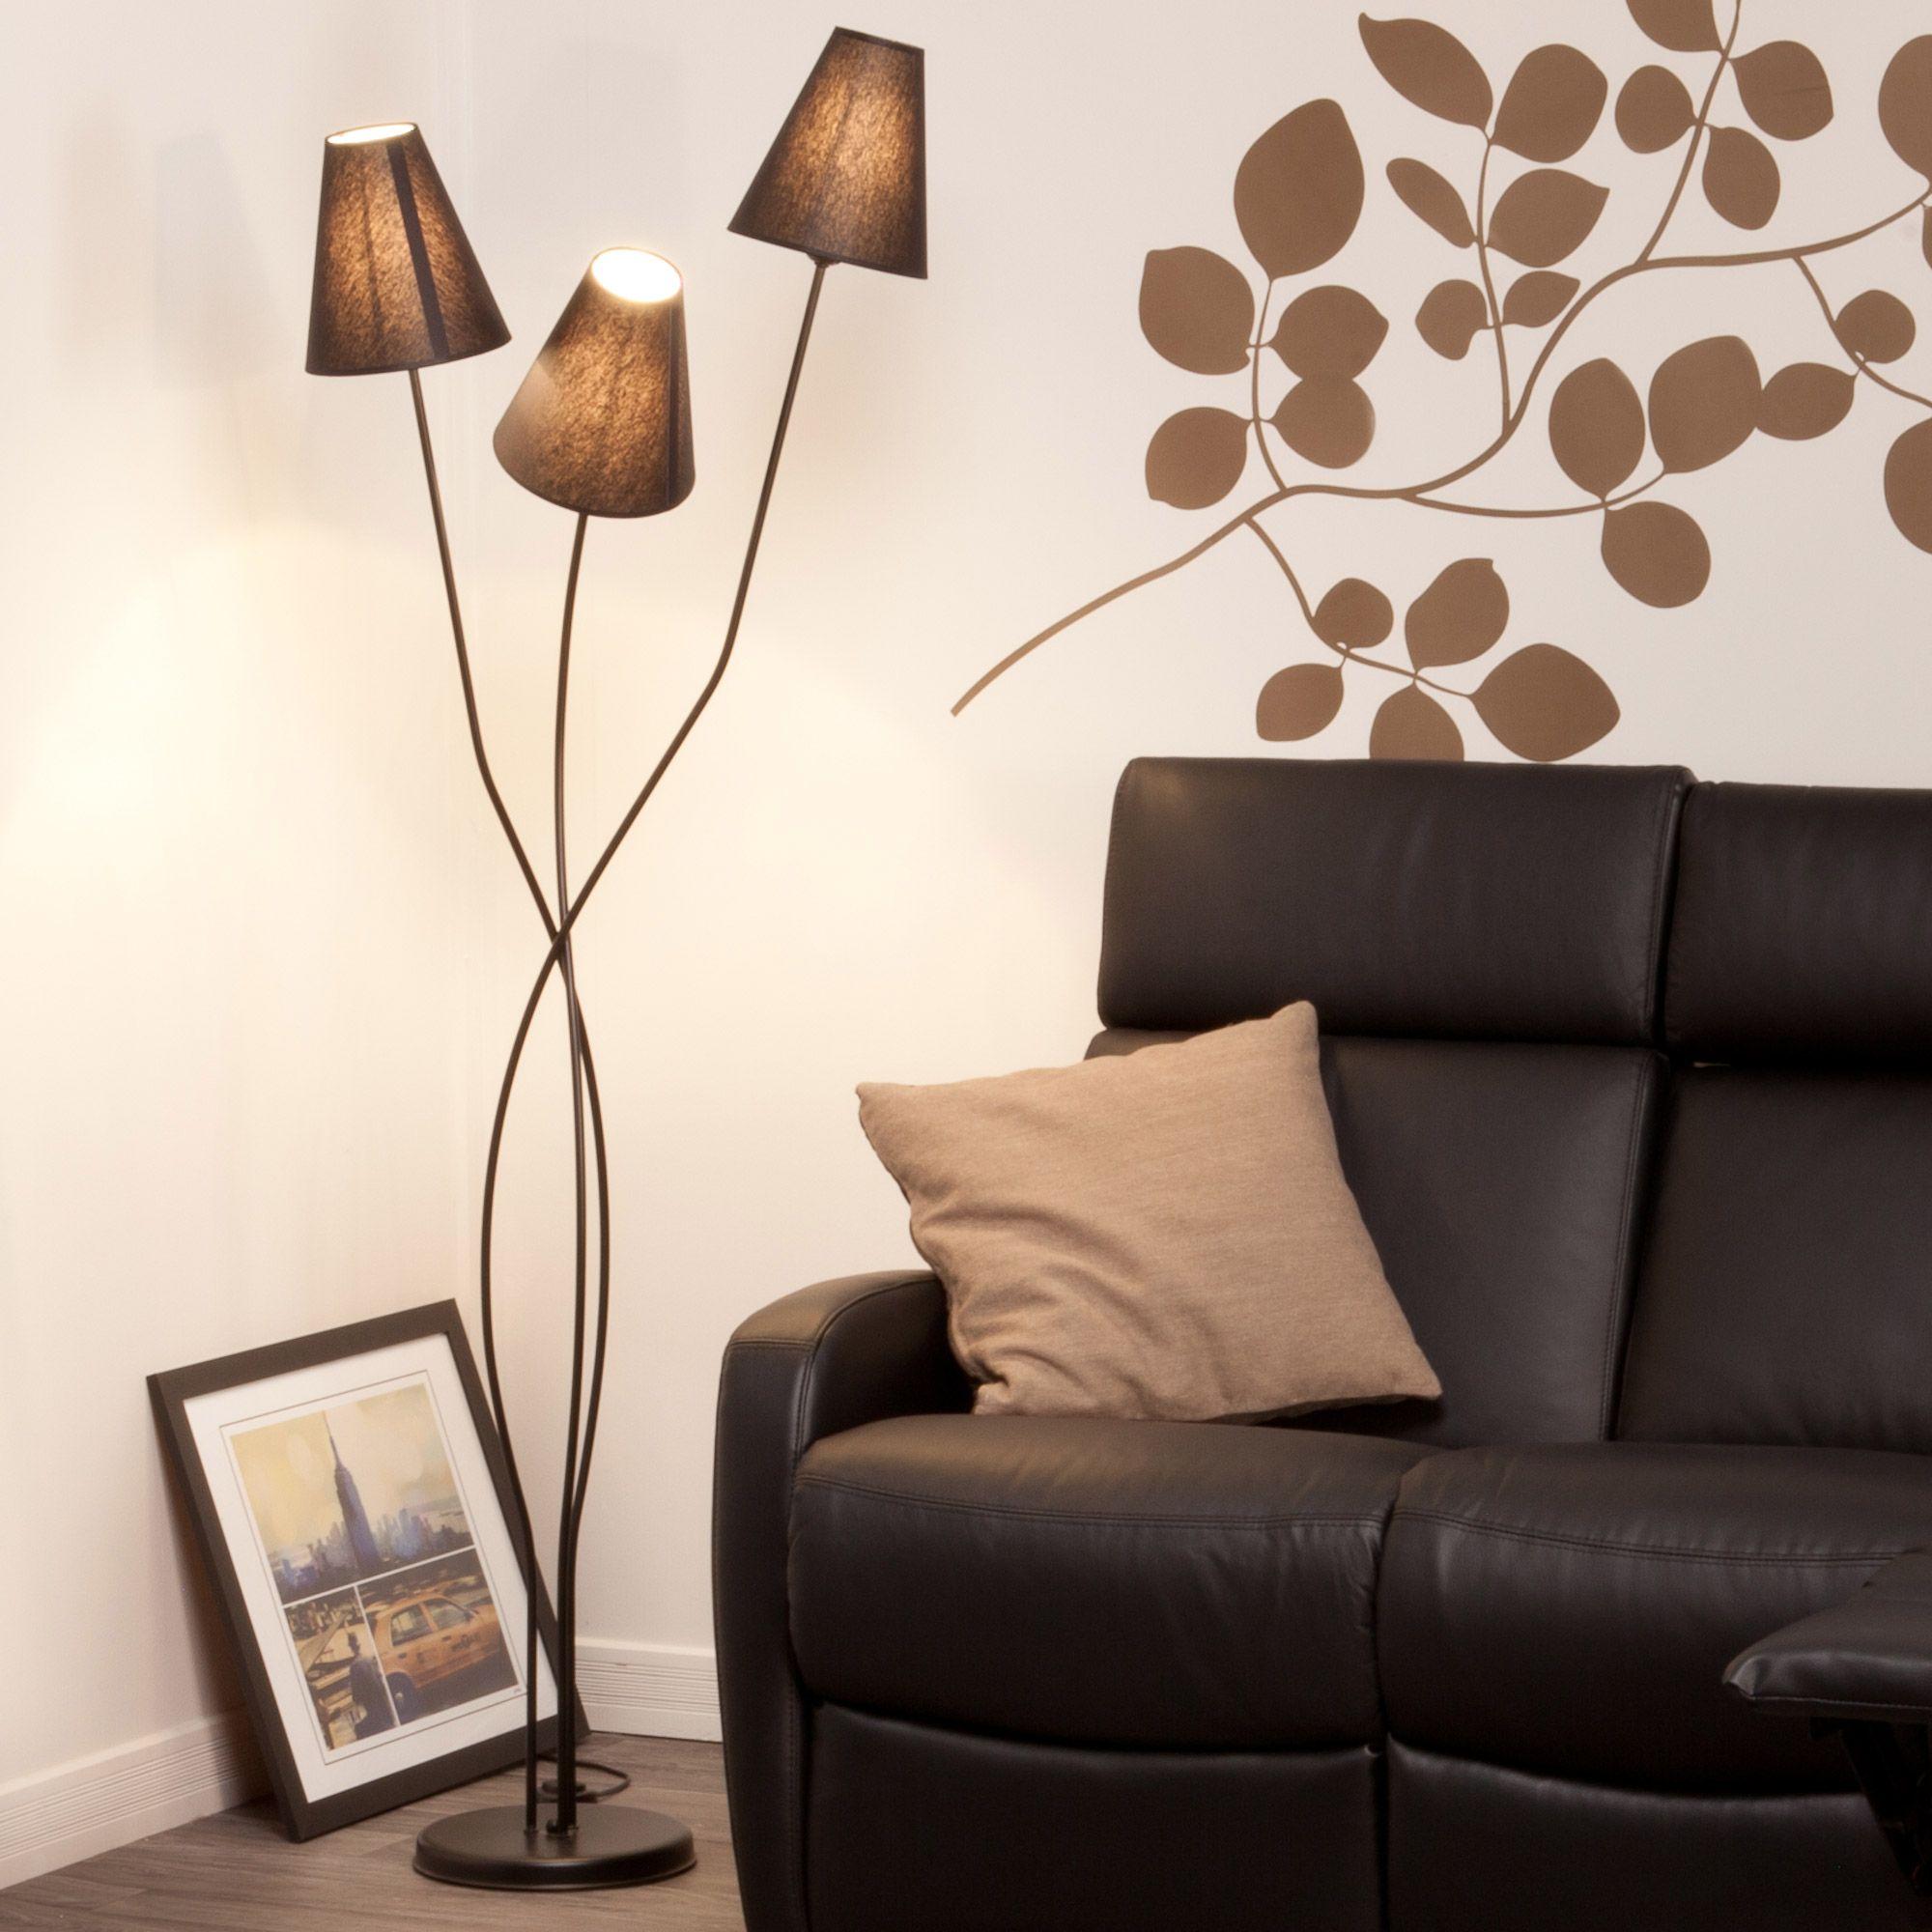 lampadaire 3 pieds en m tal et abat jours en coton hauteur 161 cm lille abats jours. Black Bedroom Furniture Sets. Home Design Ideas